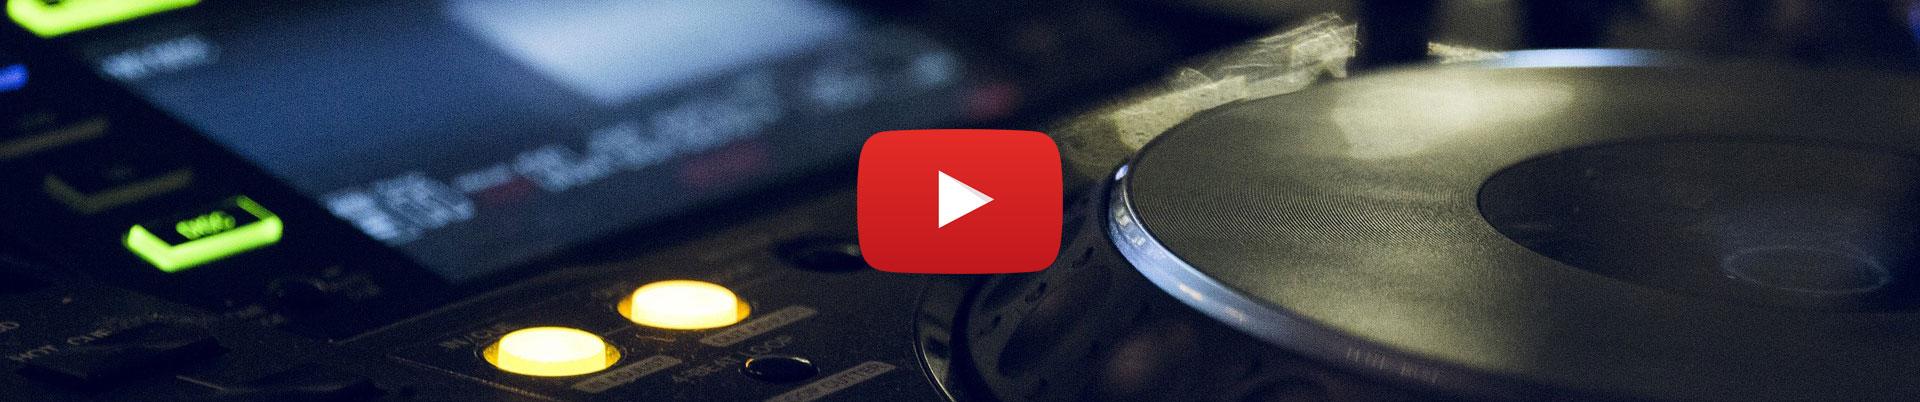 decouvrez nos videos